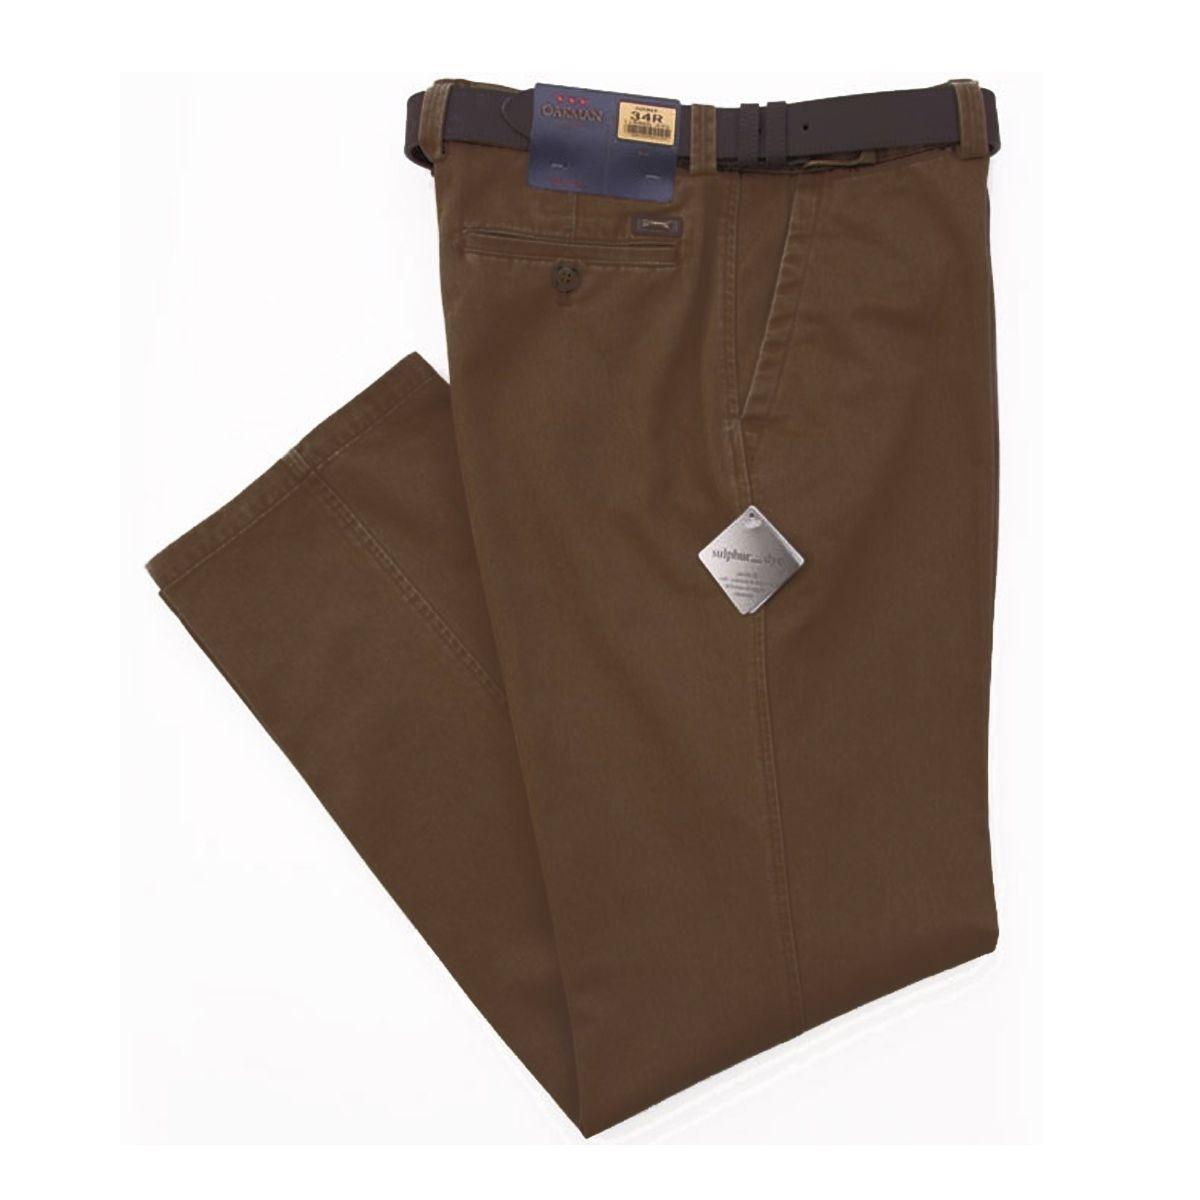 pantalon toile chocolat pour homme fort grande taille du 54 au 82 oakman. Black Bedroom Furniture Sets. Home Design Ideas